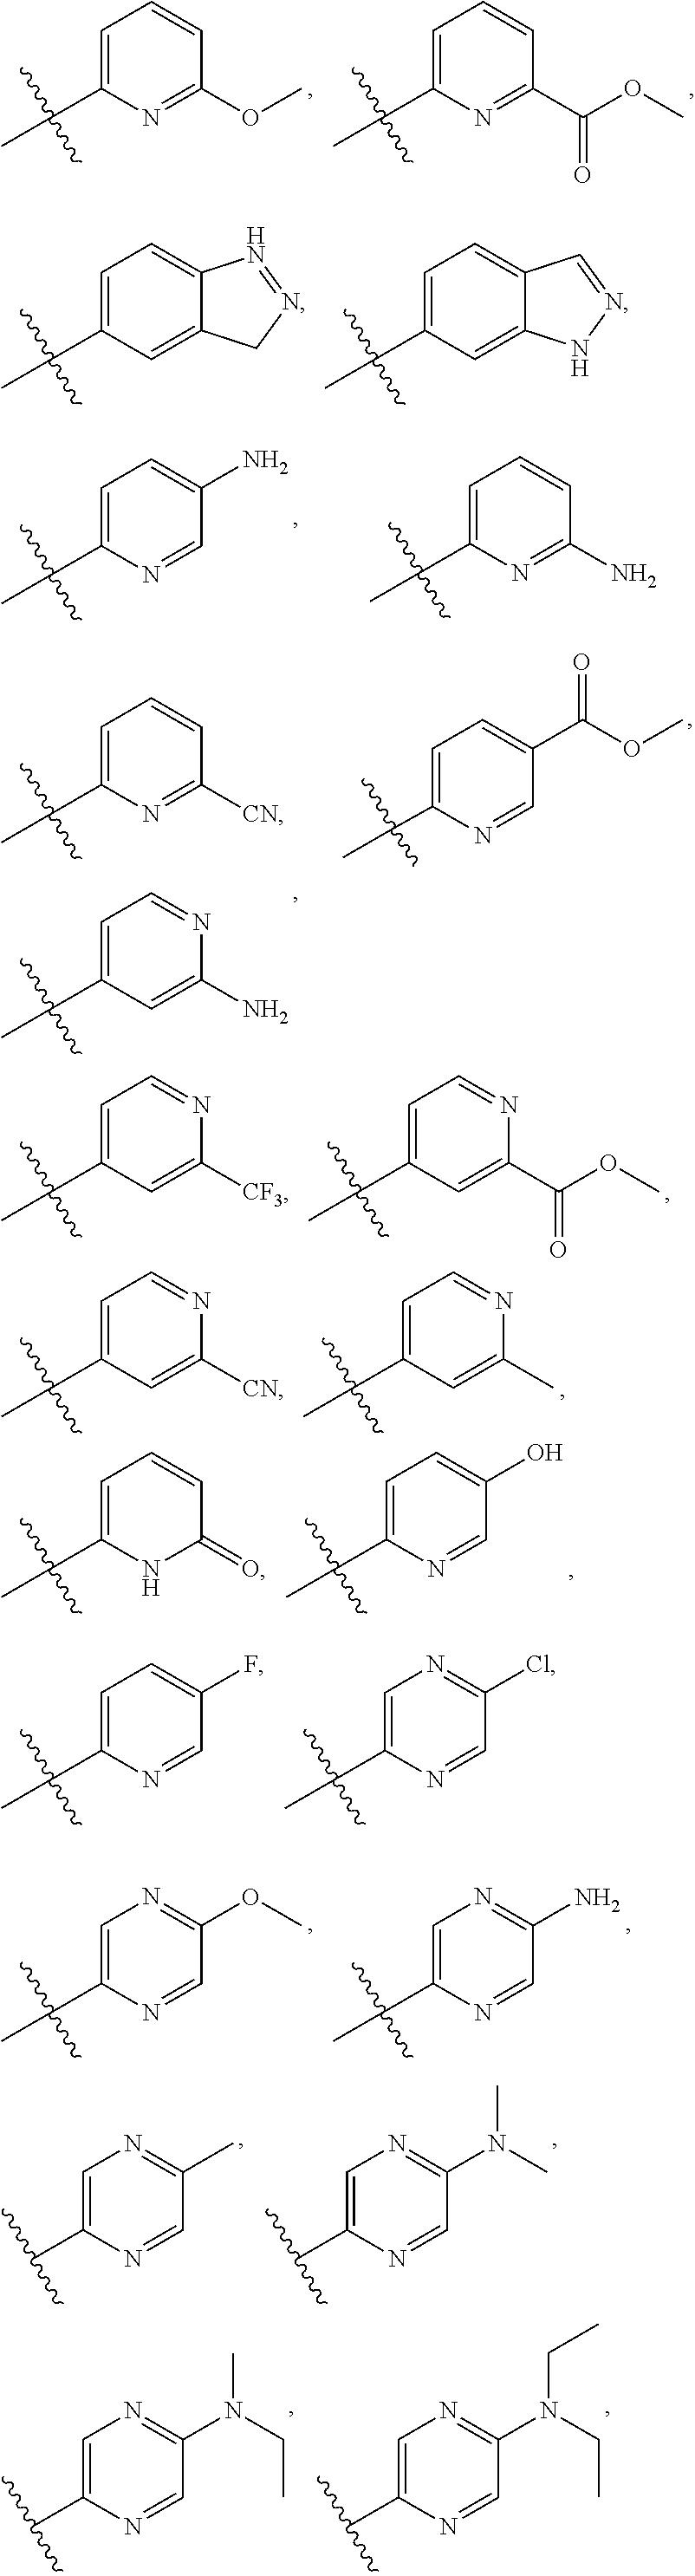 Figure US08940742-20150127-C00038